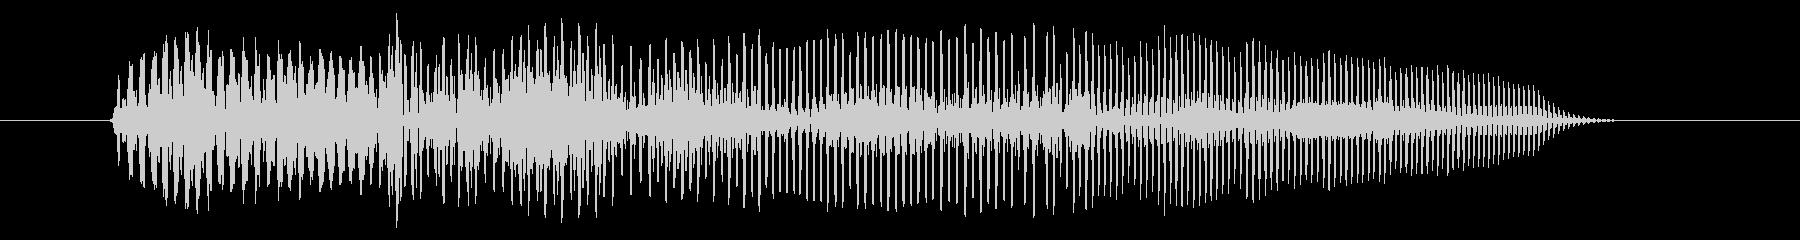 空腹03-2の未再生の波形